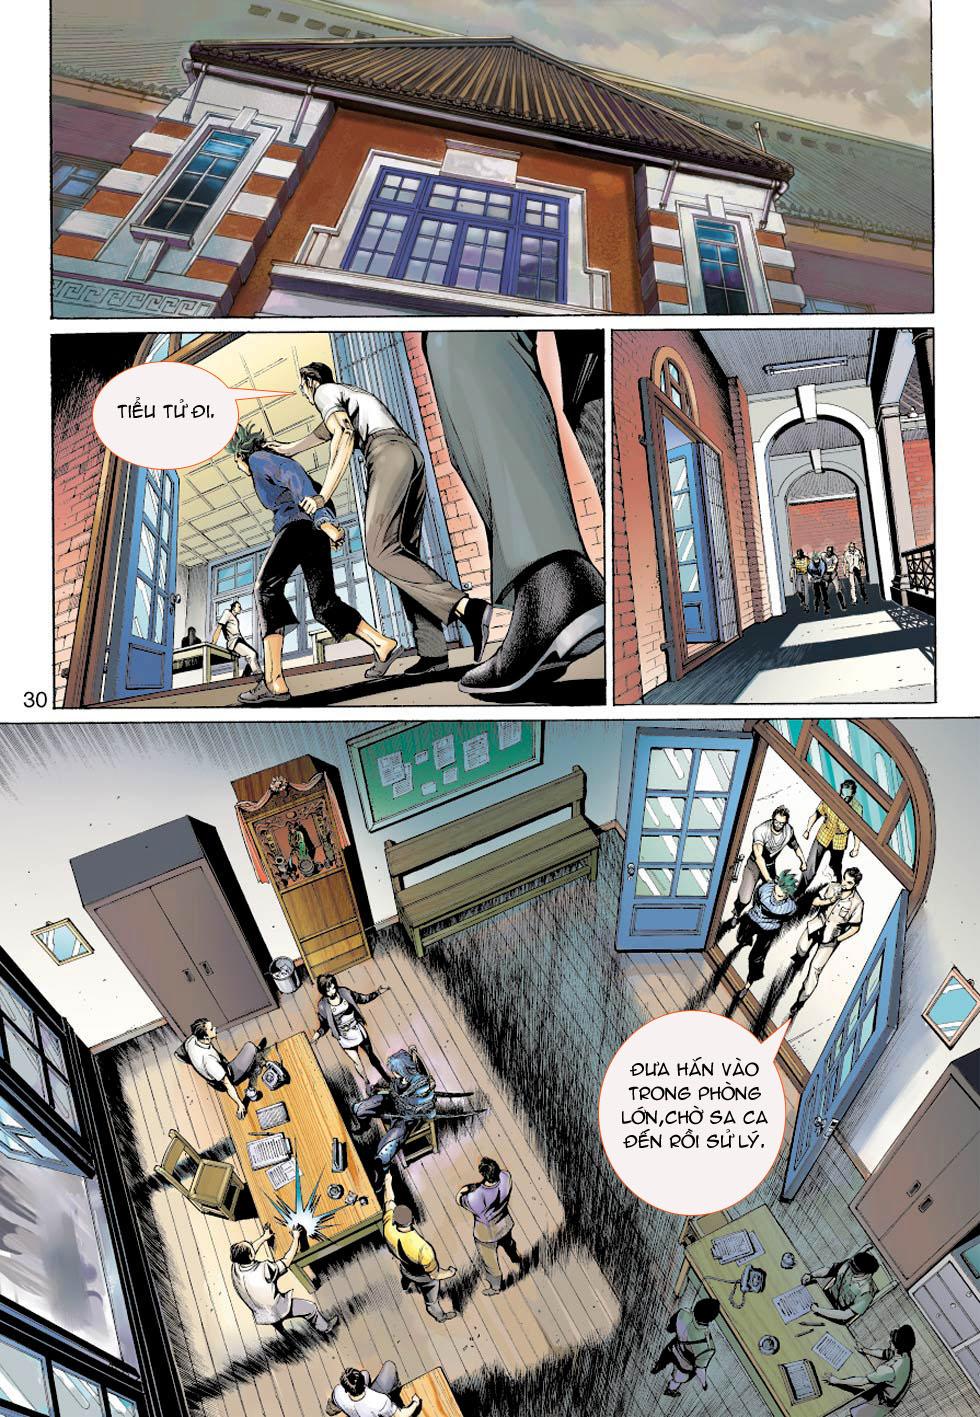 Thần Binh 4 chap 5 - Trang 30